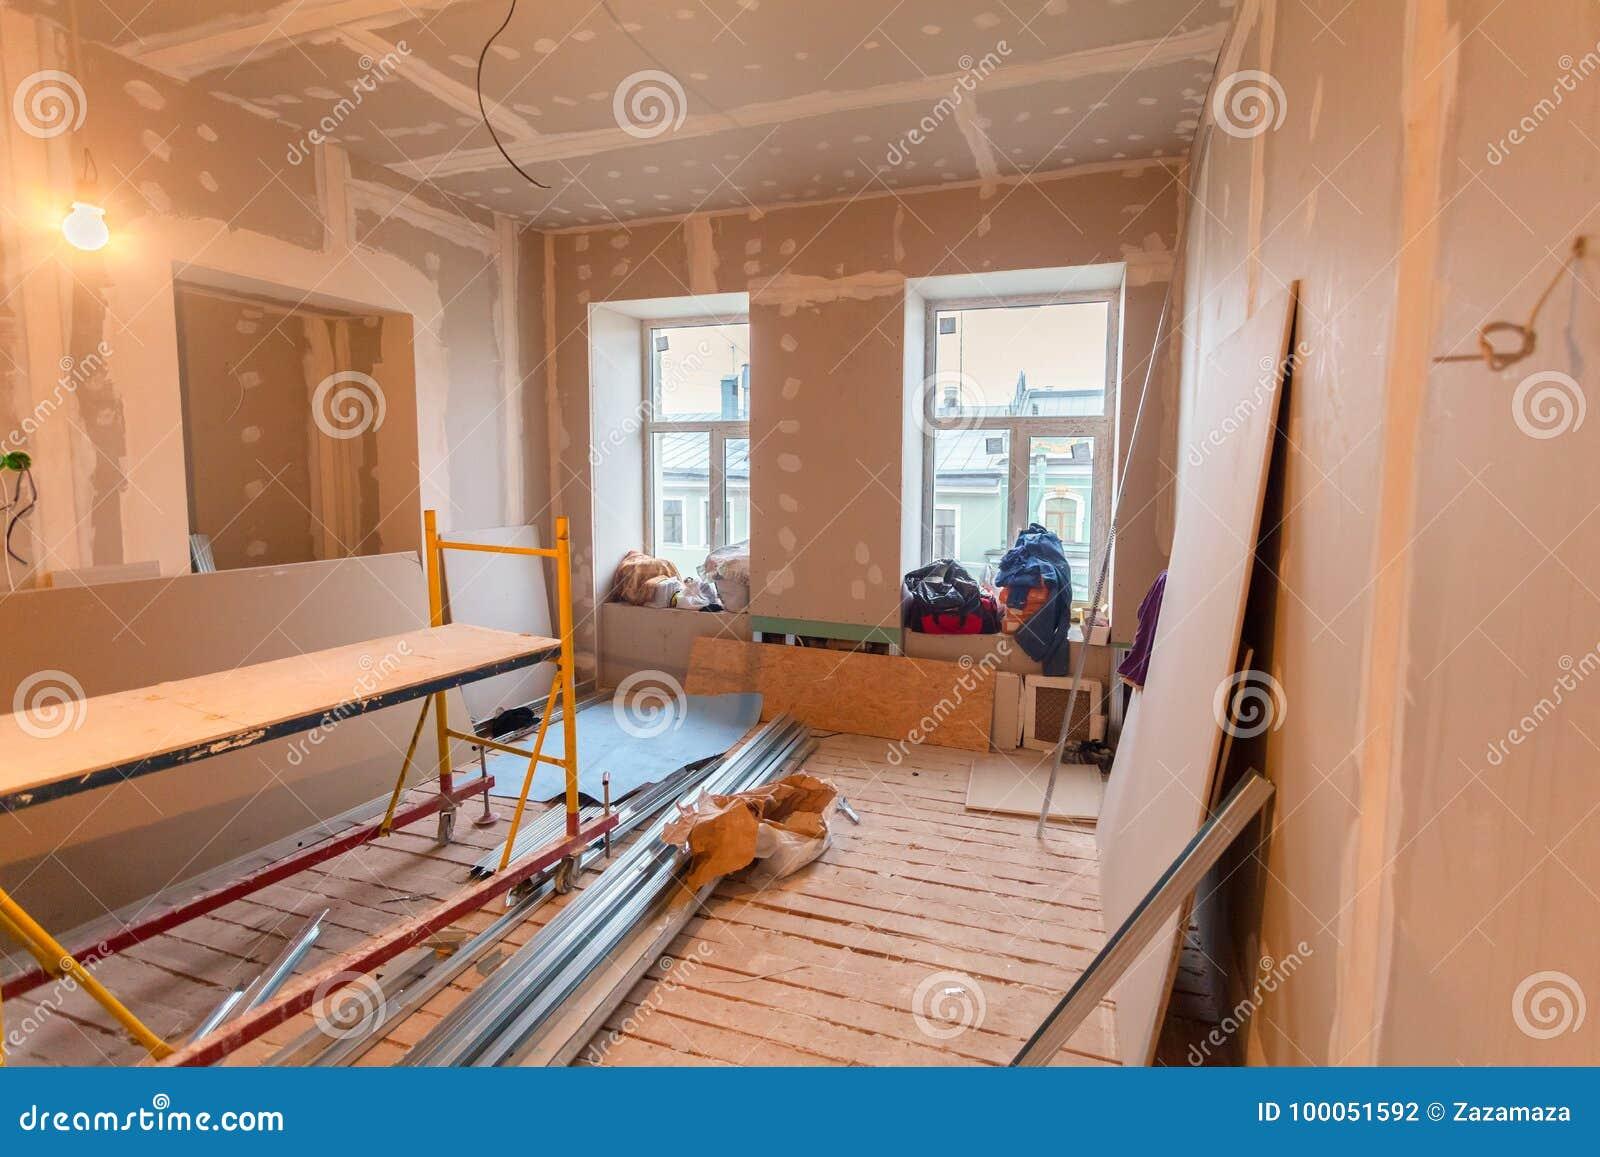 El material para las reparaciones en un apartamento está bajo la construcción, el remodelado, la reconstrucción y renovación